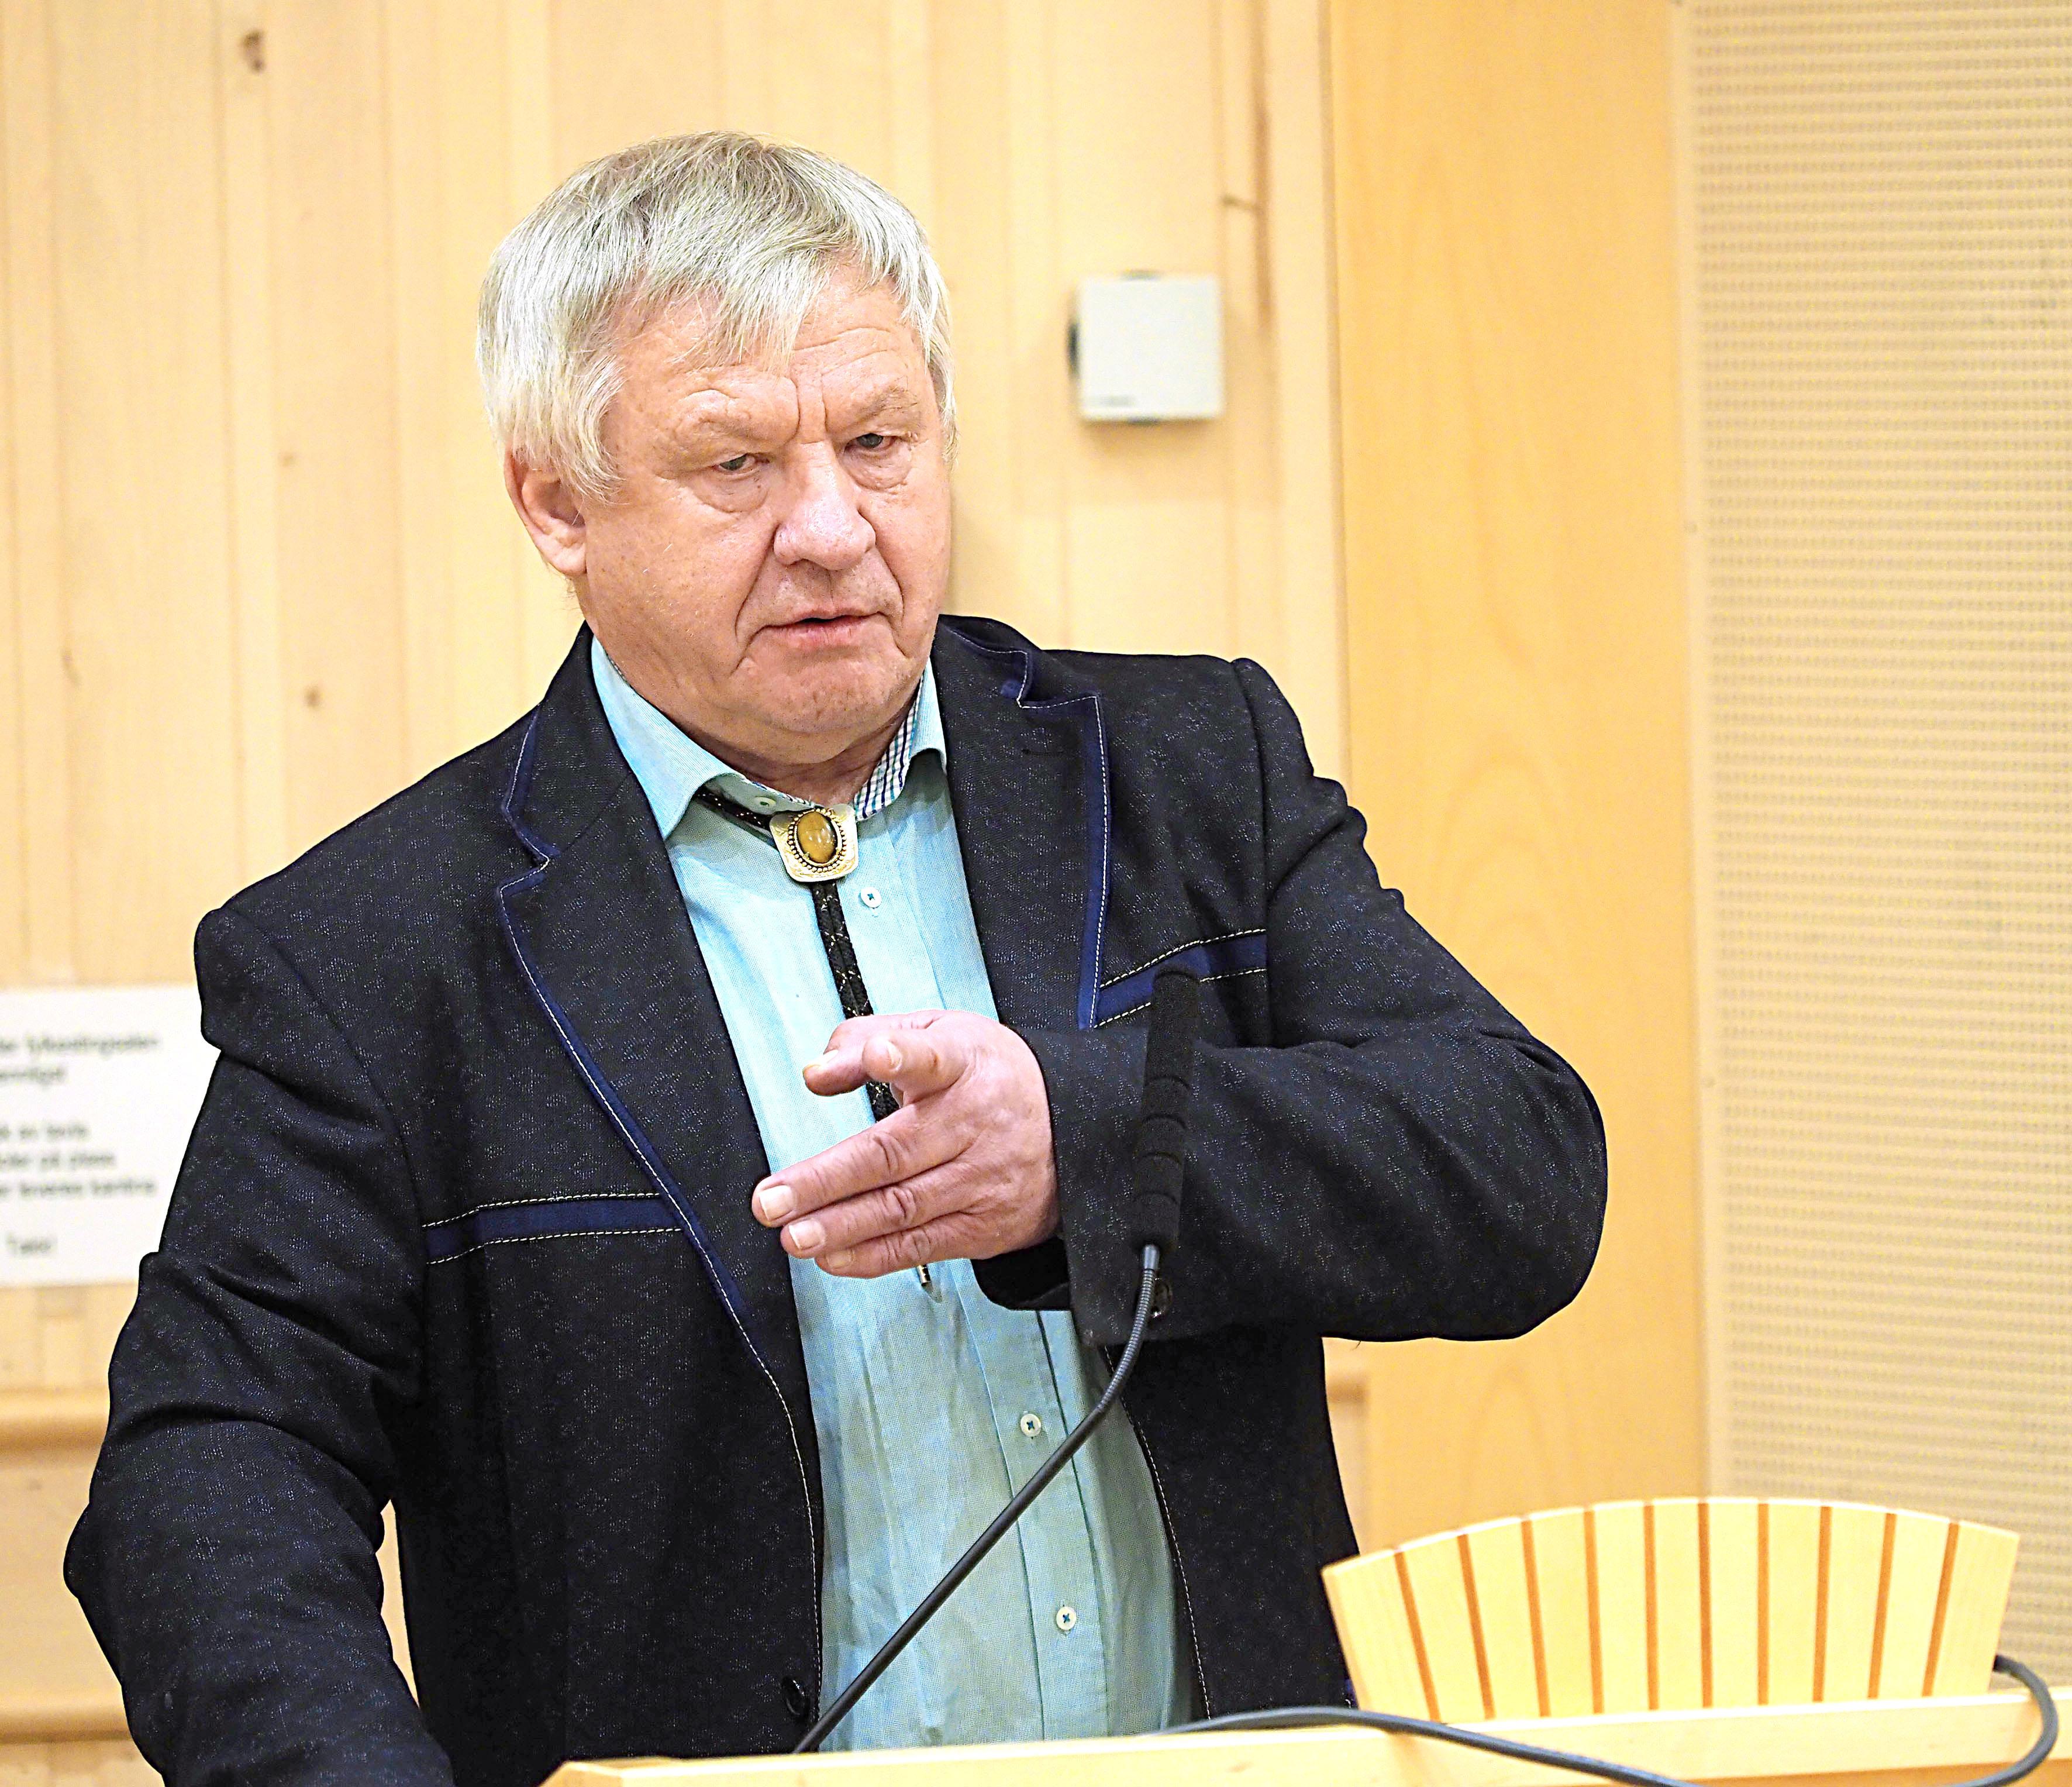 Kroniikki: Innspill til Stortinget om fornorskningspolitikken